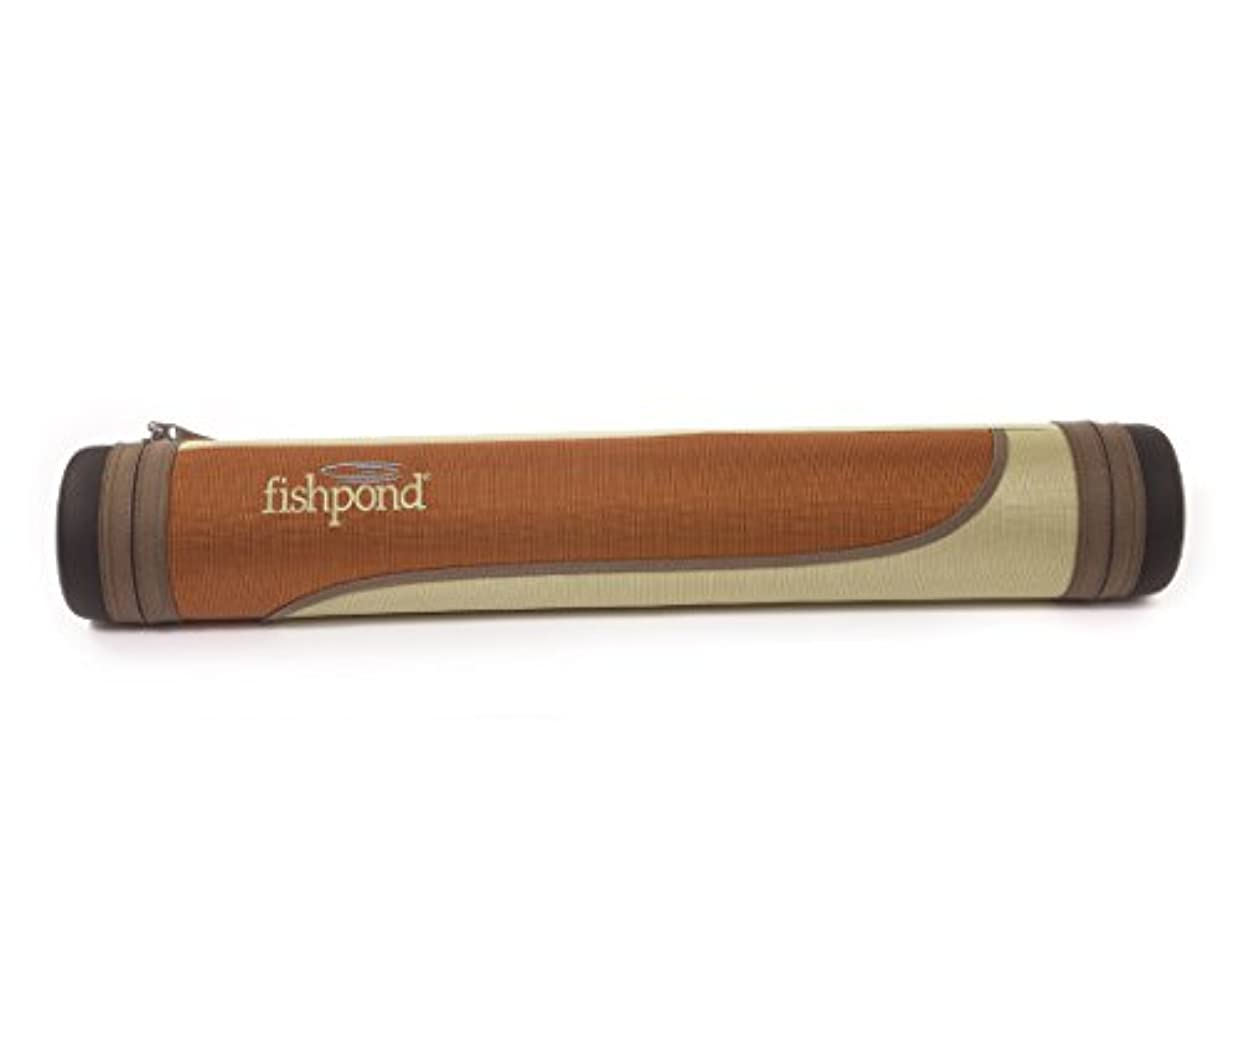 アロングマーキング支配的fishpond ロッドケース ジャッカロープロッドチューブケース31